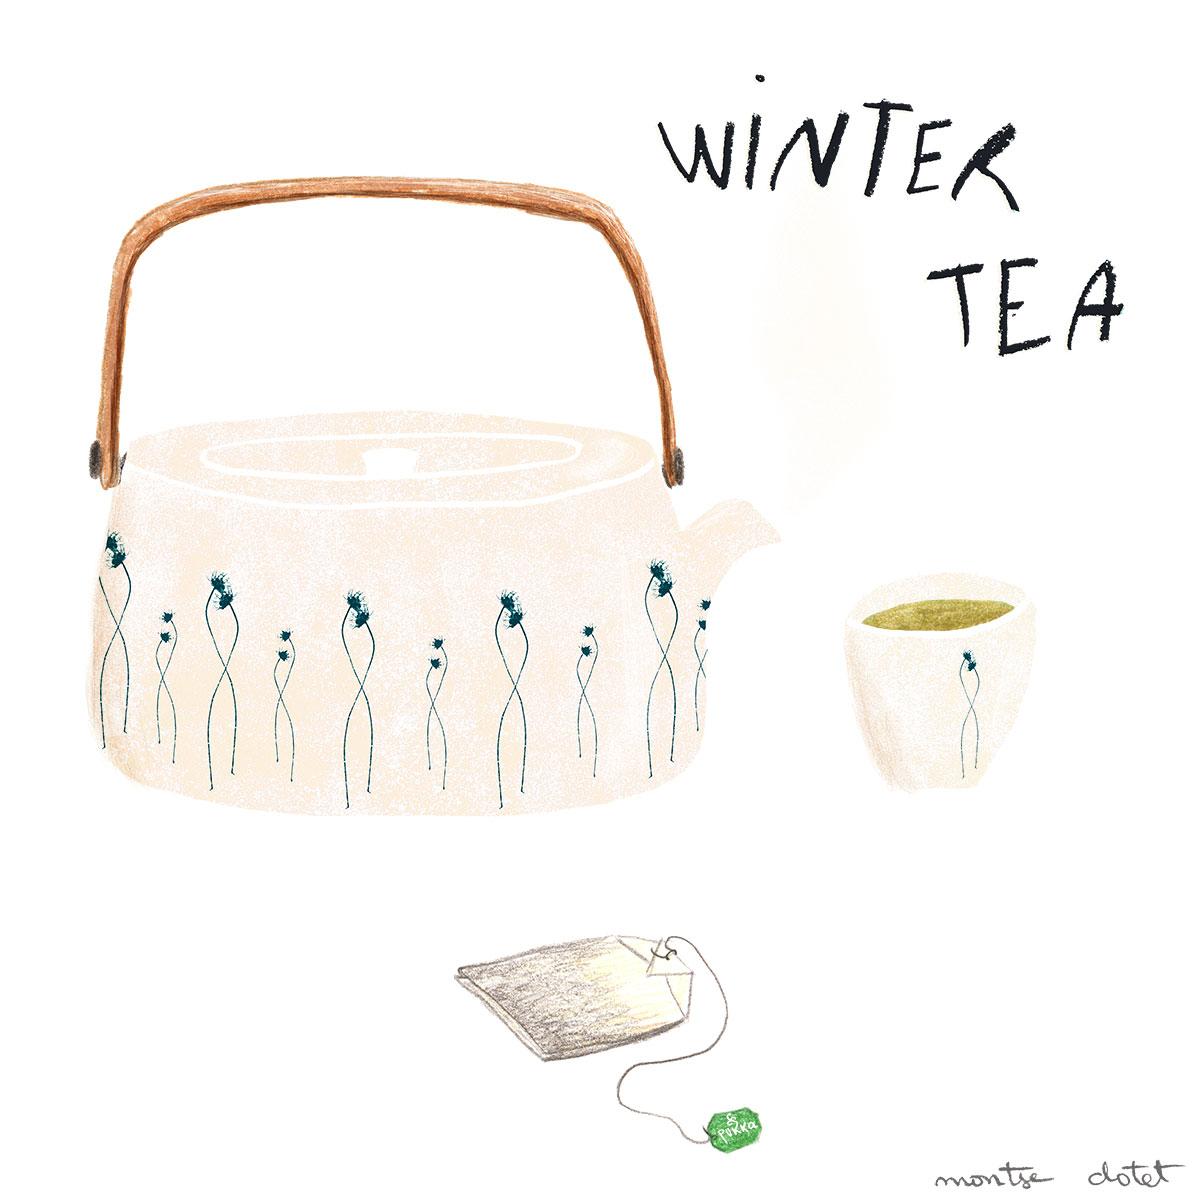 wintertea2_mclotet.jpg